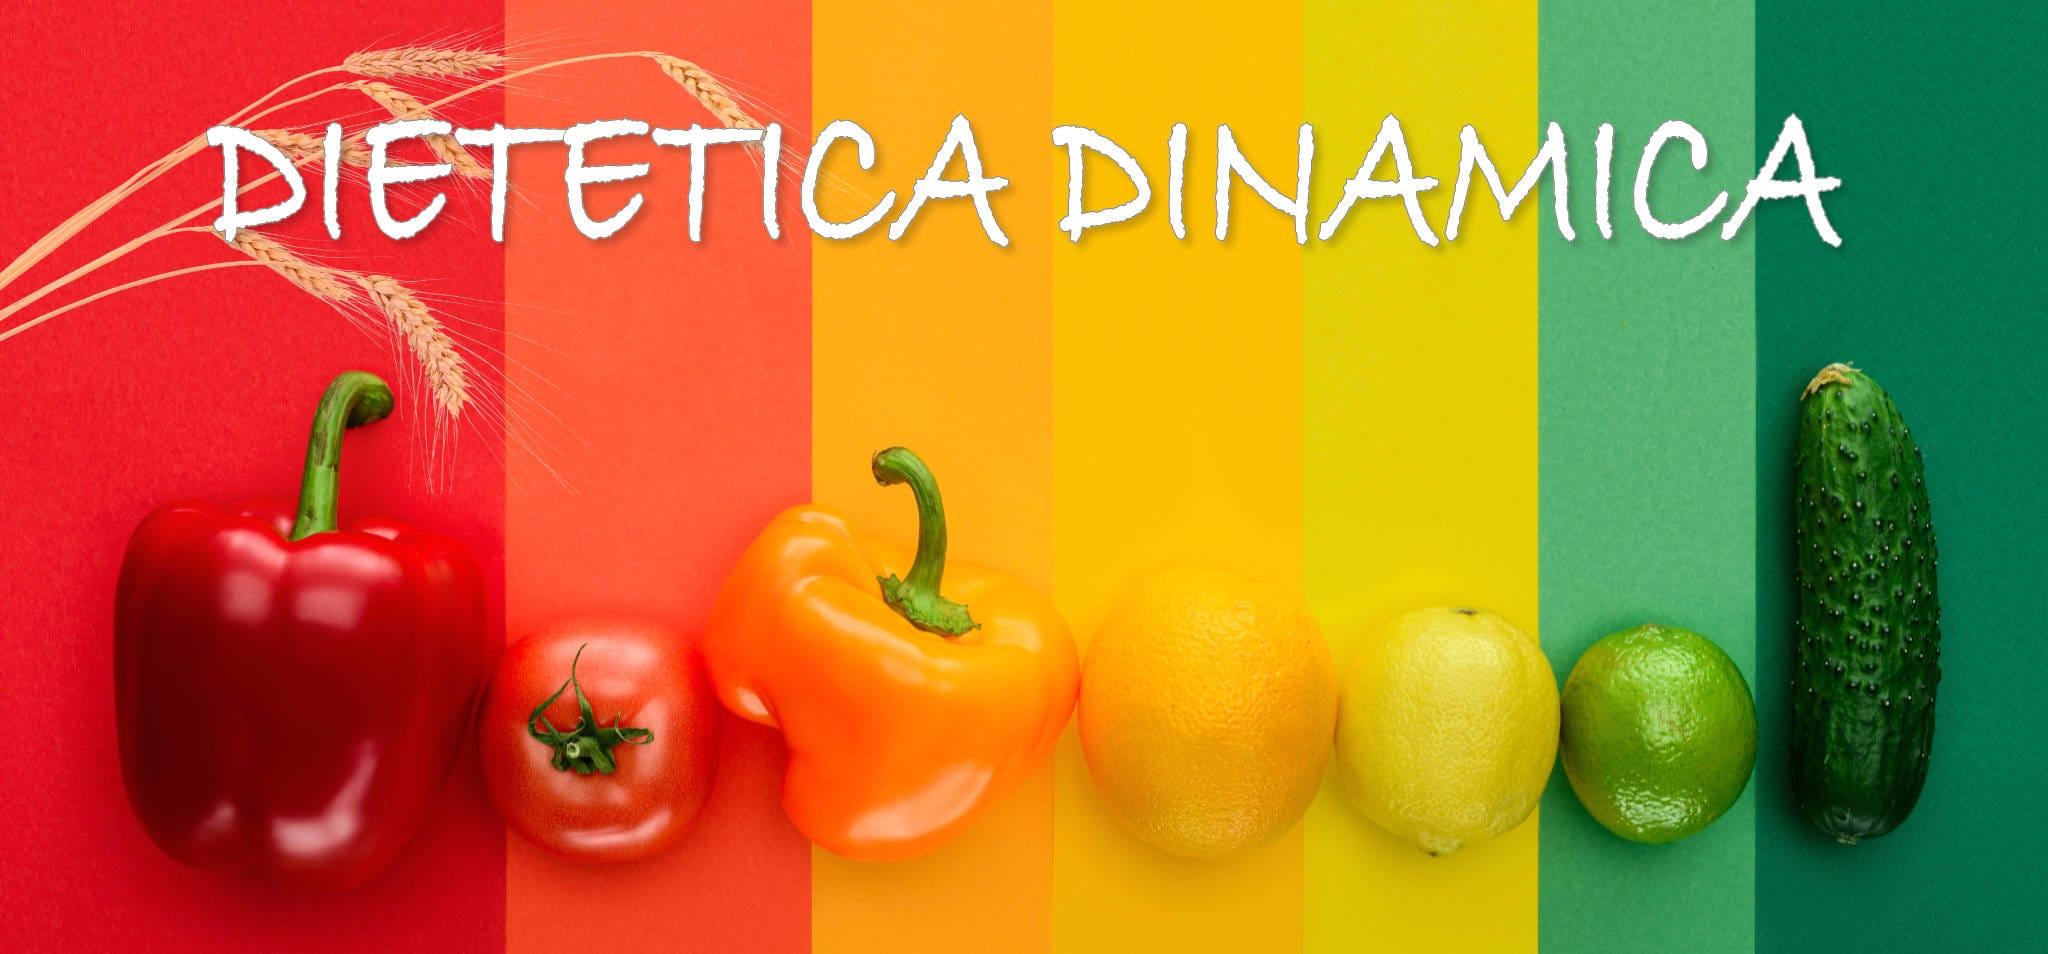 Dietetica Dinamica